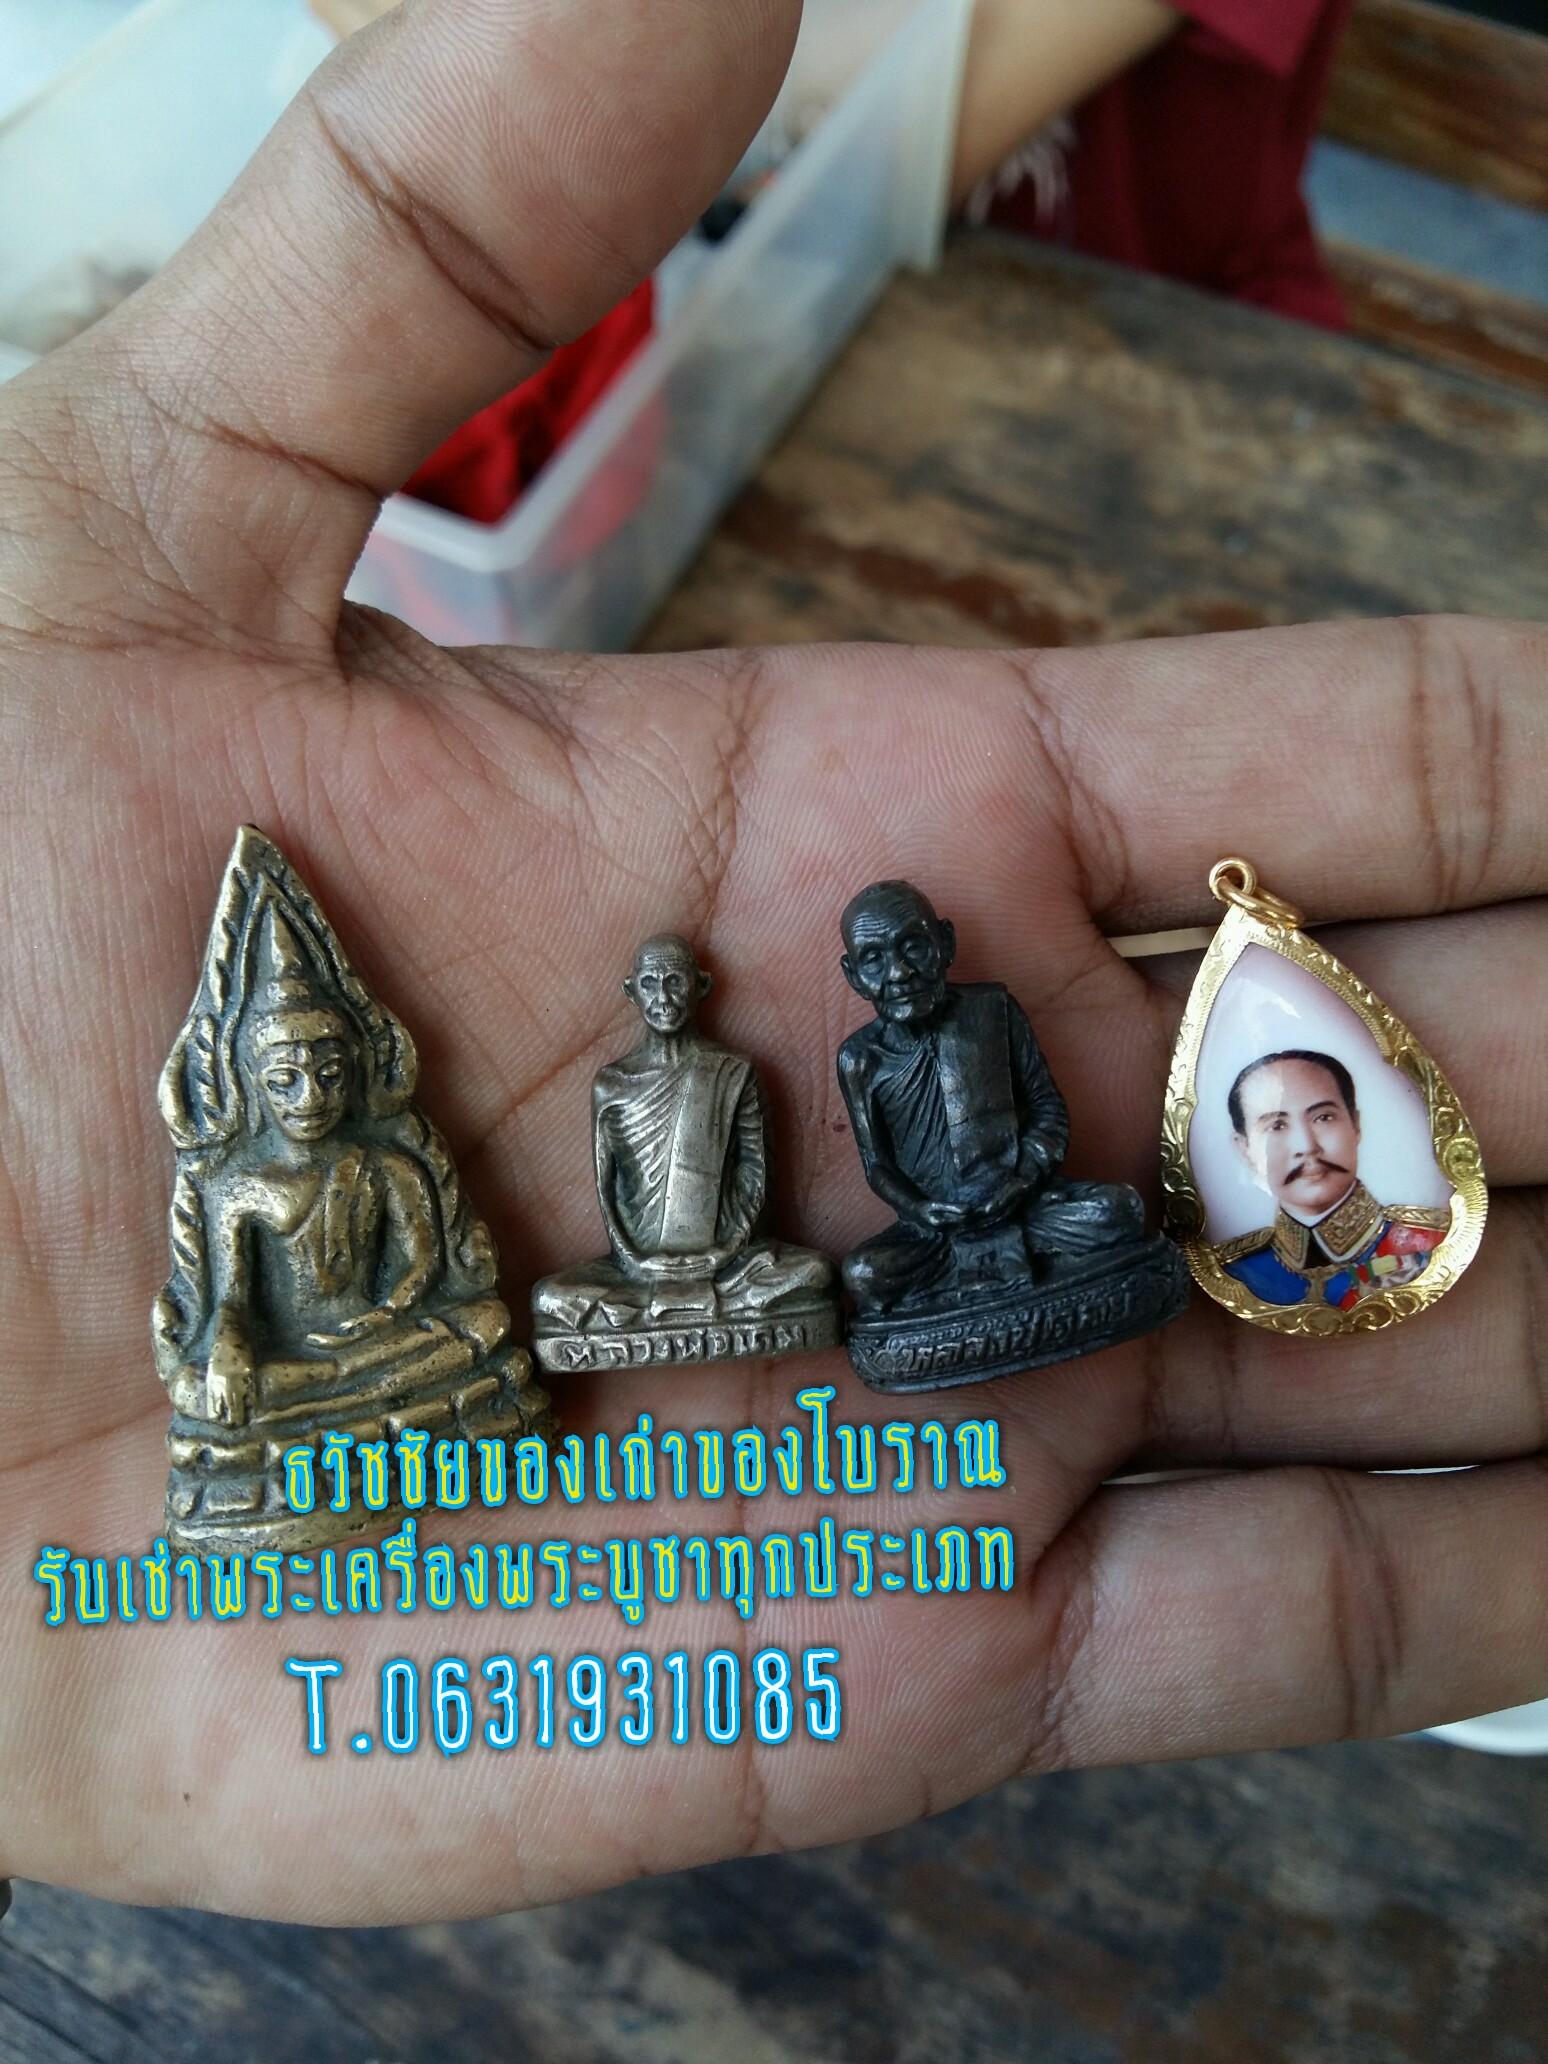 รับเช่าพระถึงบ้าน รับเช่าพระทองคำ รับเช่าพระบูชา รับเช่าพระพุทธรูป รับเช่าเหรียญ รับเช่าพระถึงบ้าน